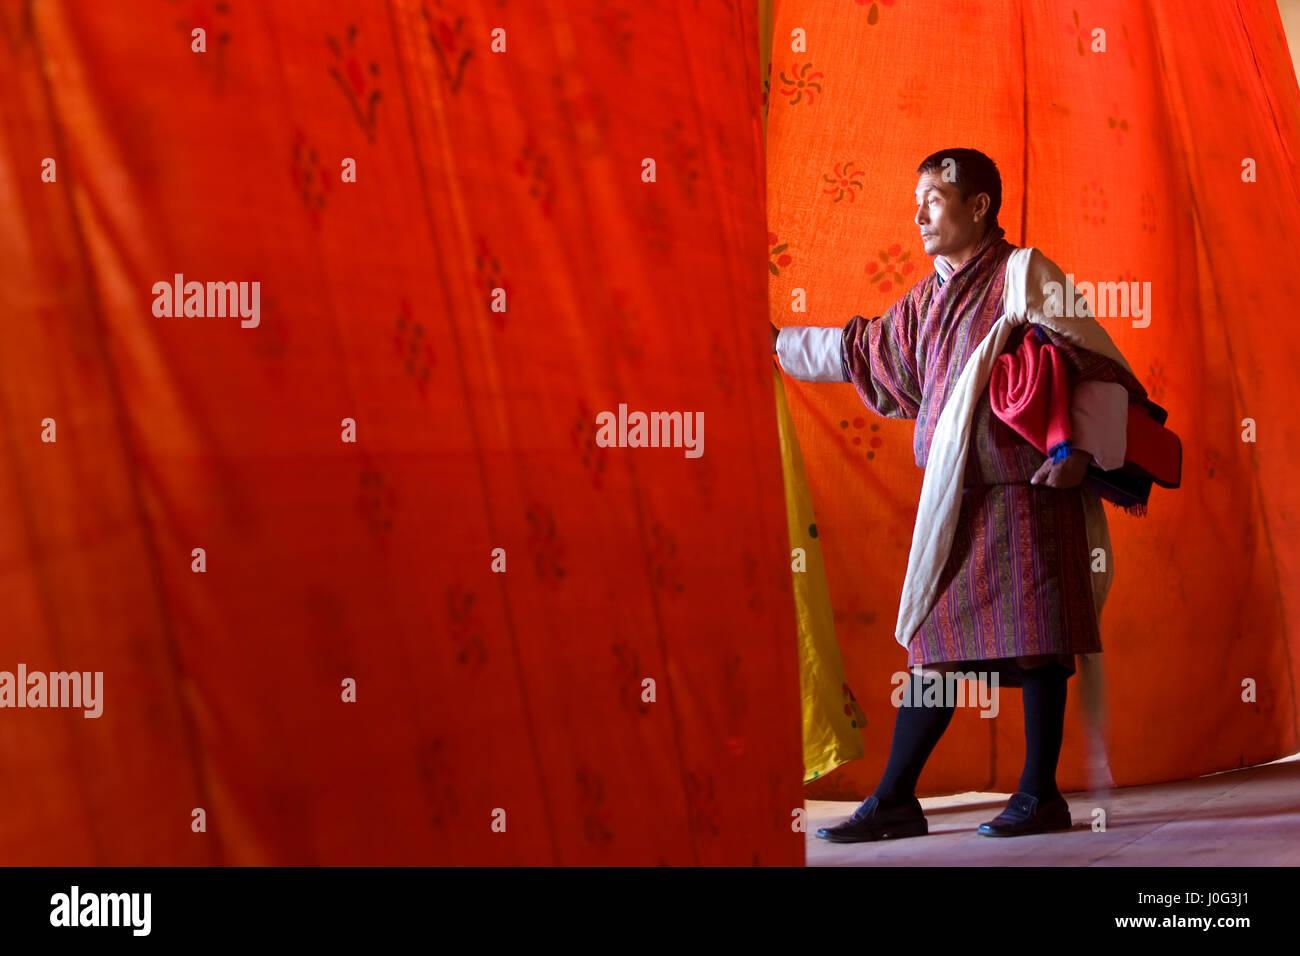 L'homme regardant à travers les rideaux à la performance, Festival, Trashichhoe Dzong, monastère, Photo Stock